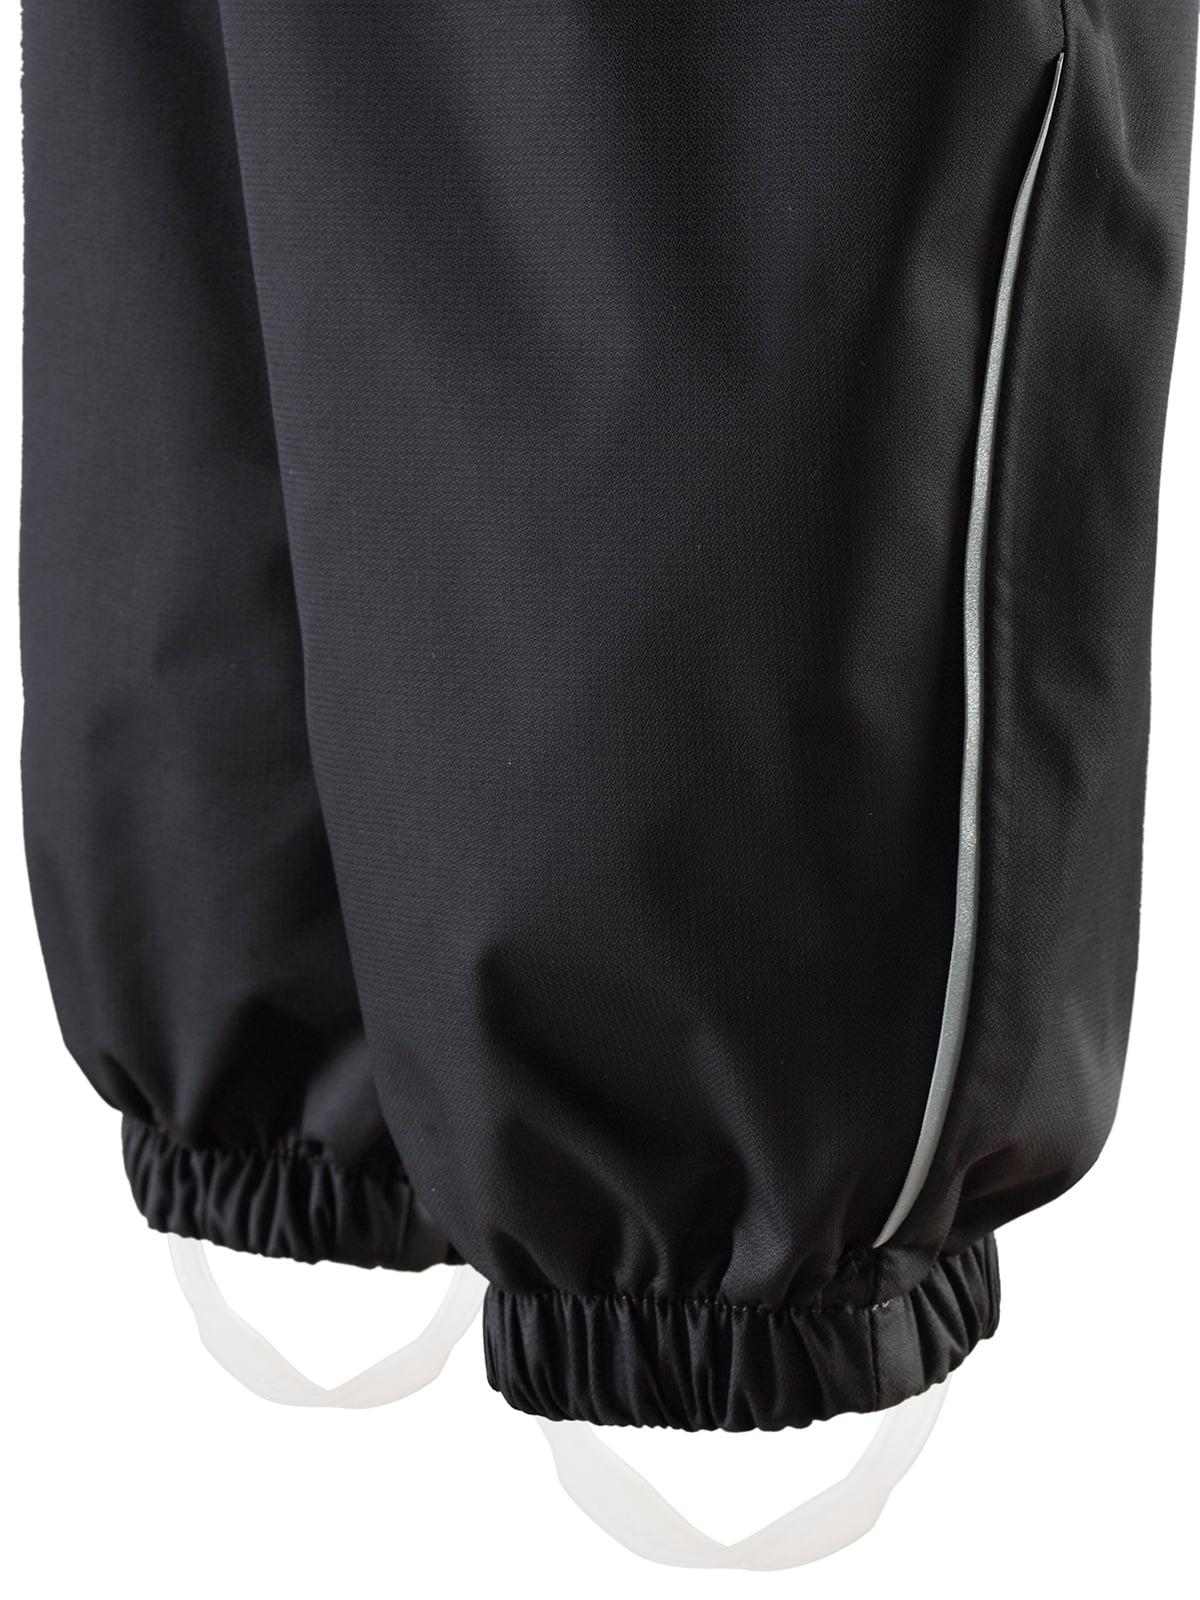 Комплект: вітрівка і штани | 4783525 | фото 4